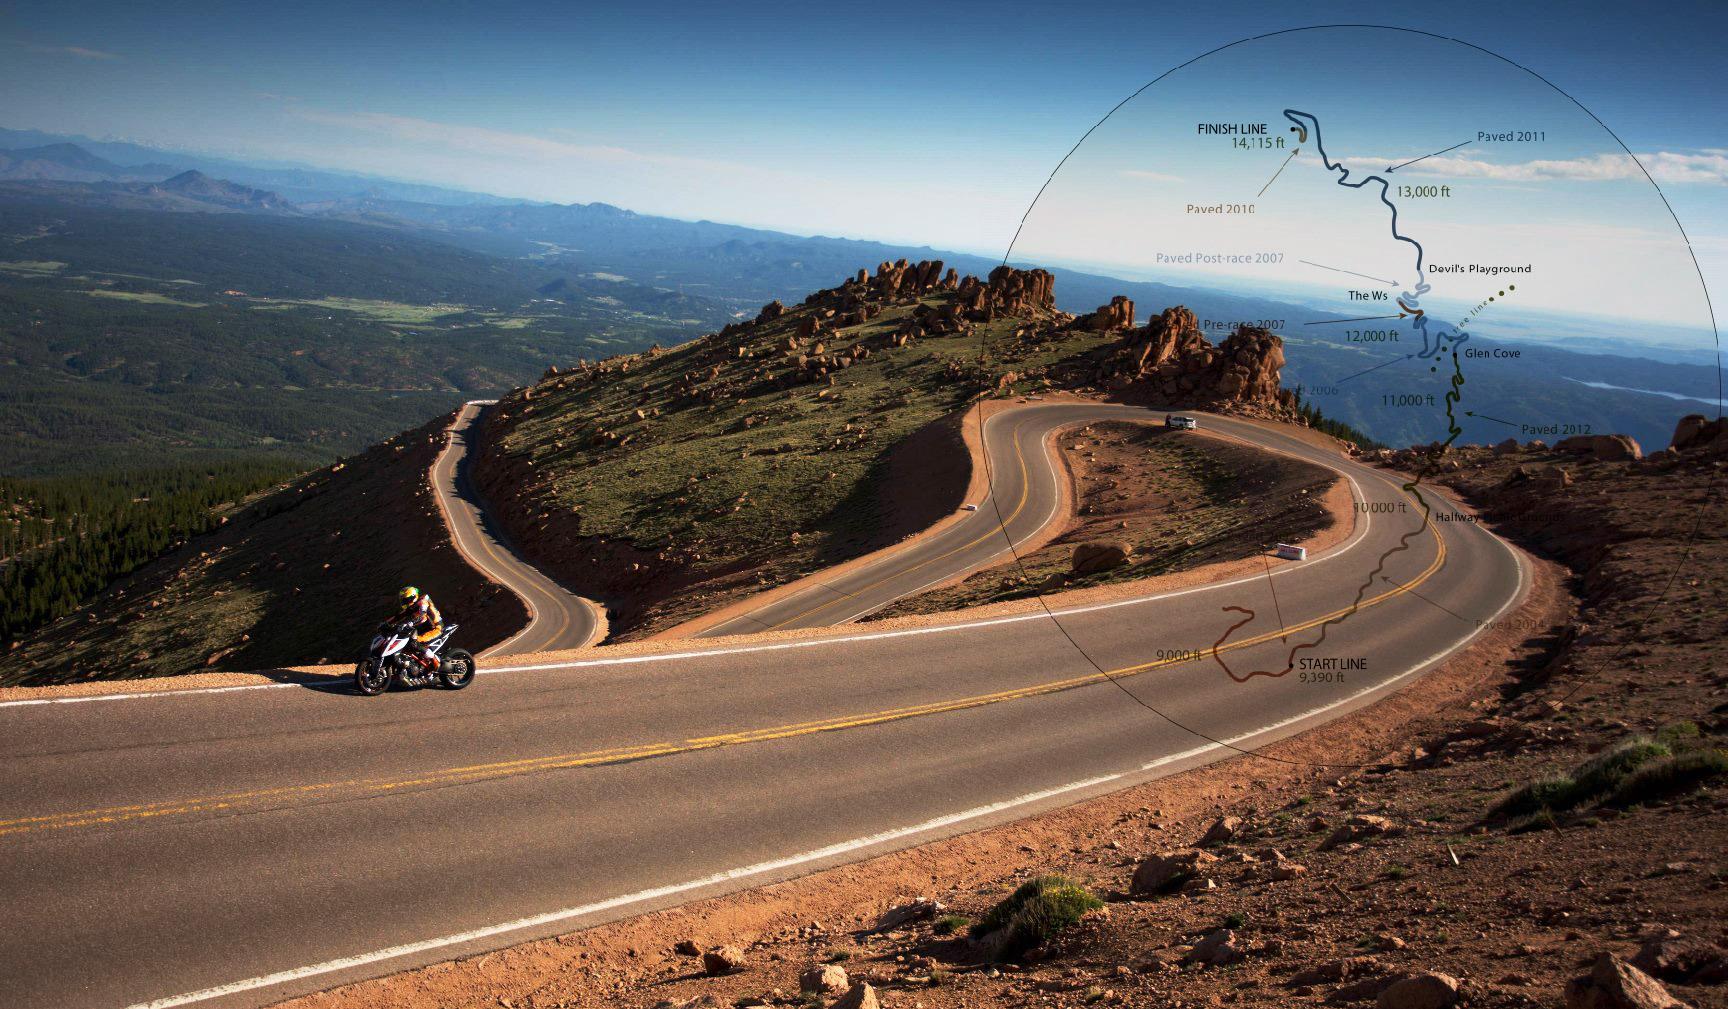 Пайкс Пийк - Надпревара към облаците: 4302 метра